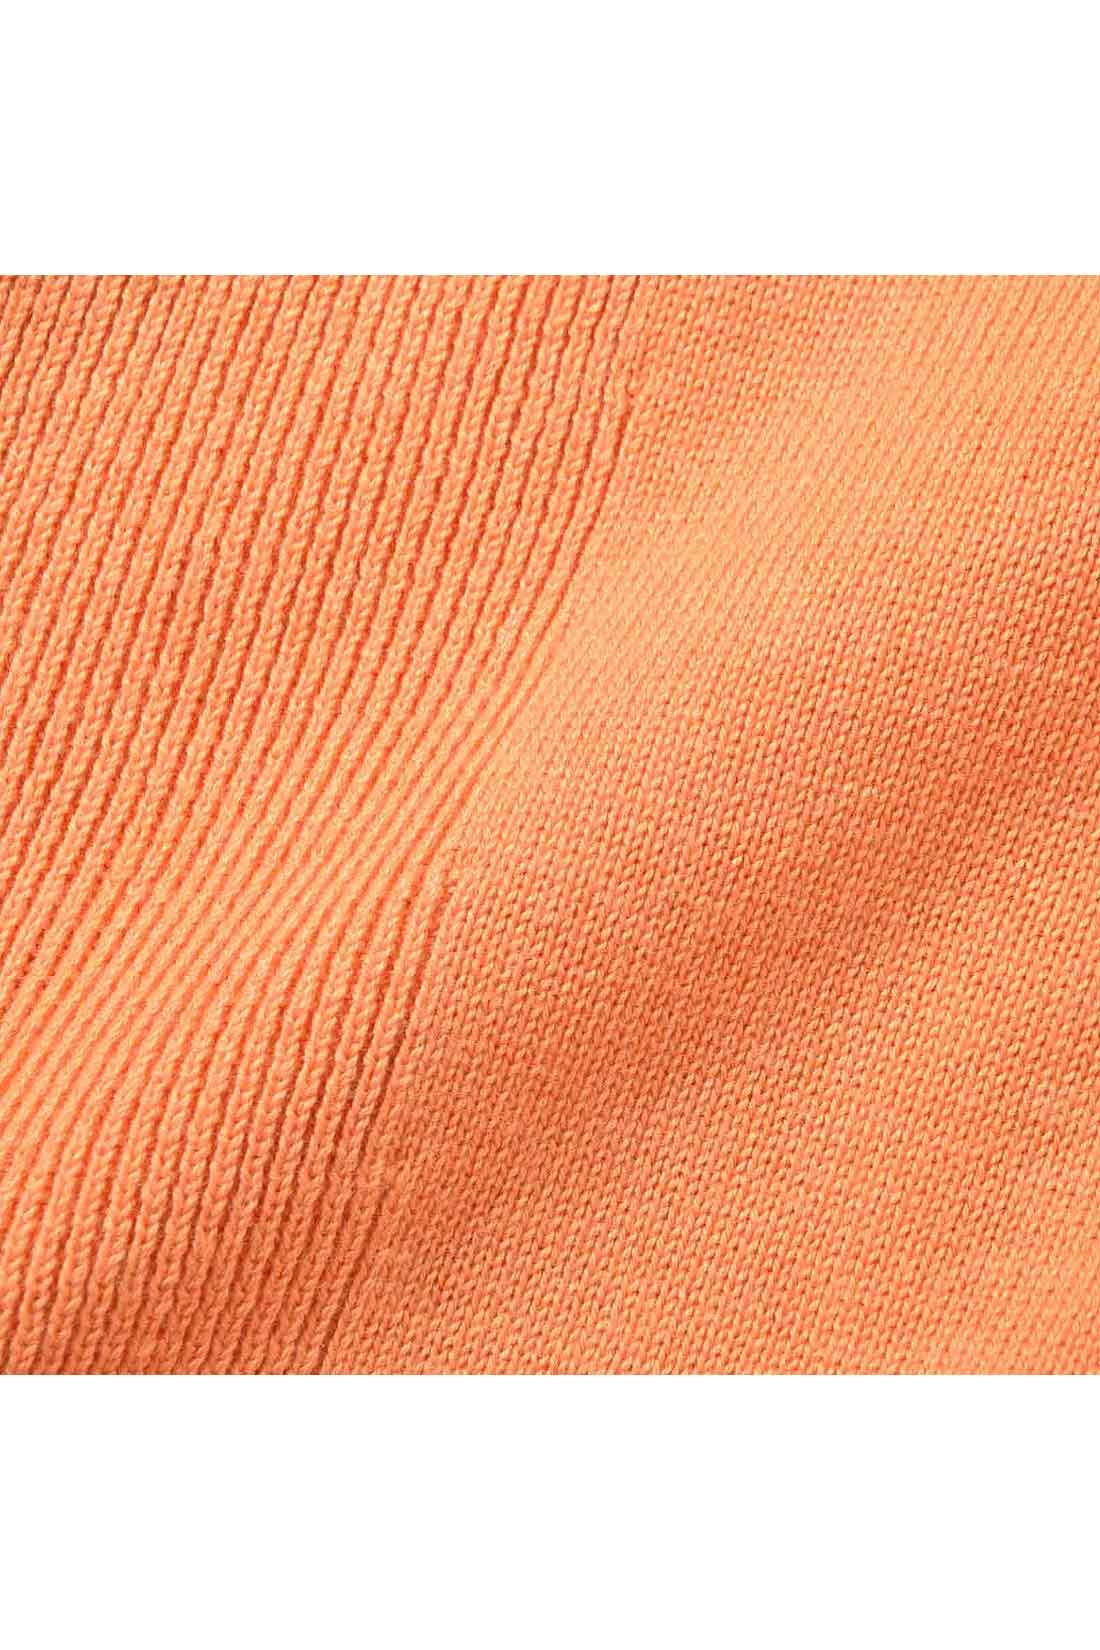 適度な肉厚があり、からだのラインを拾いすぎないコットン100%の素材を使用。